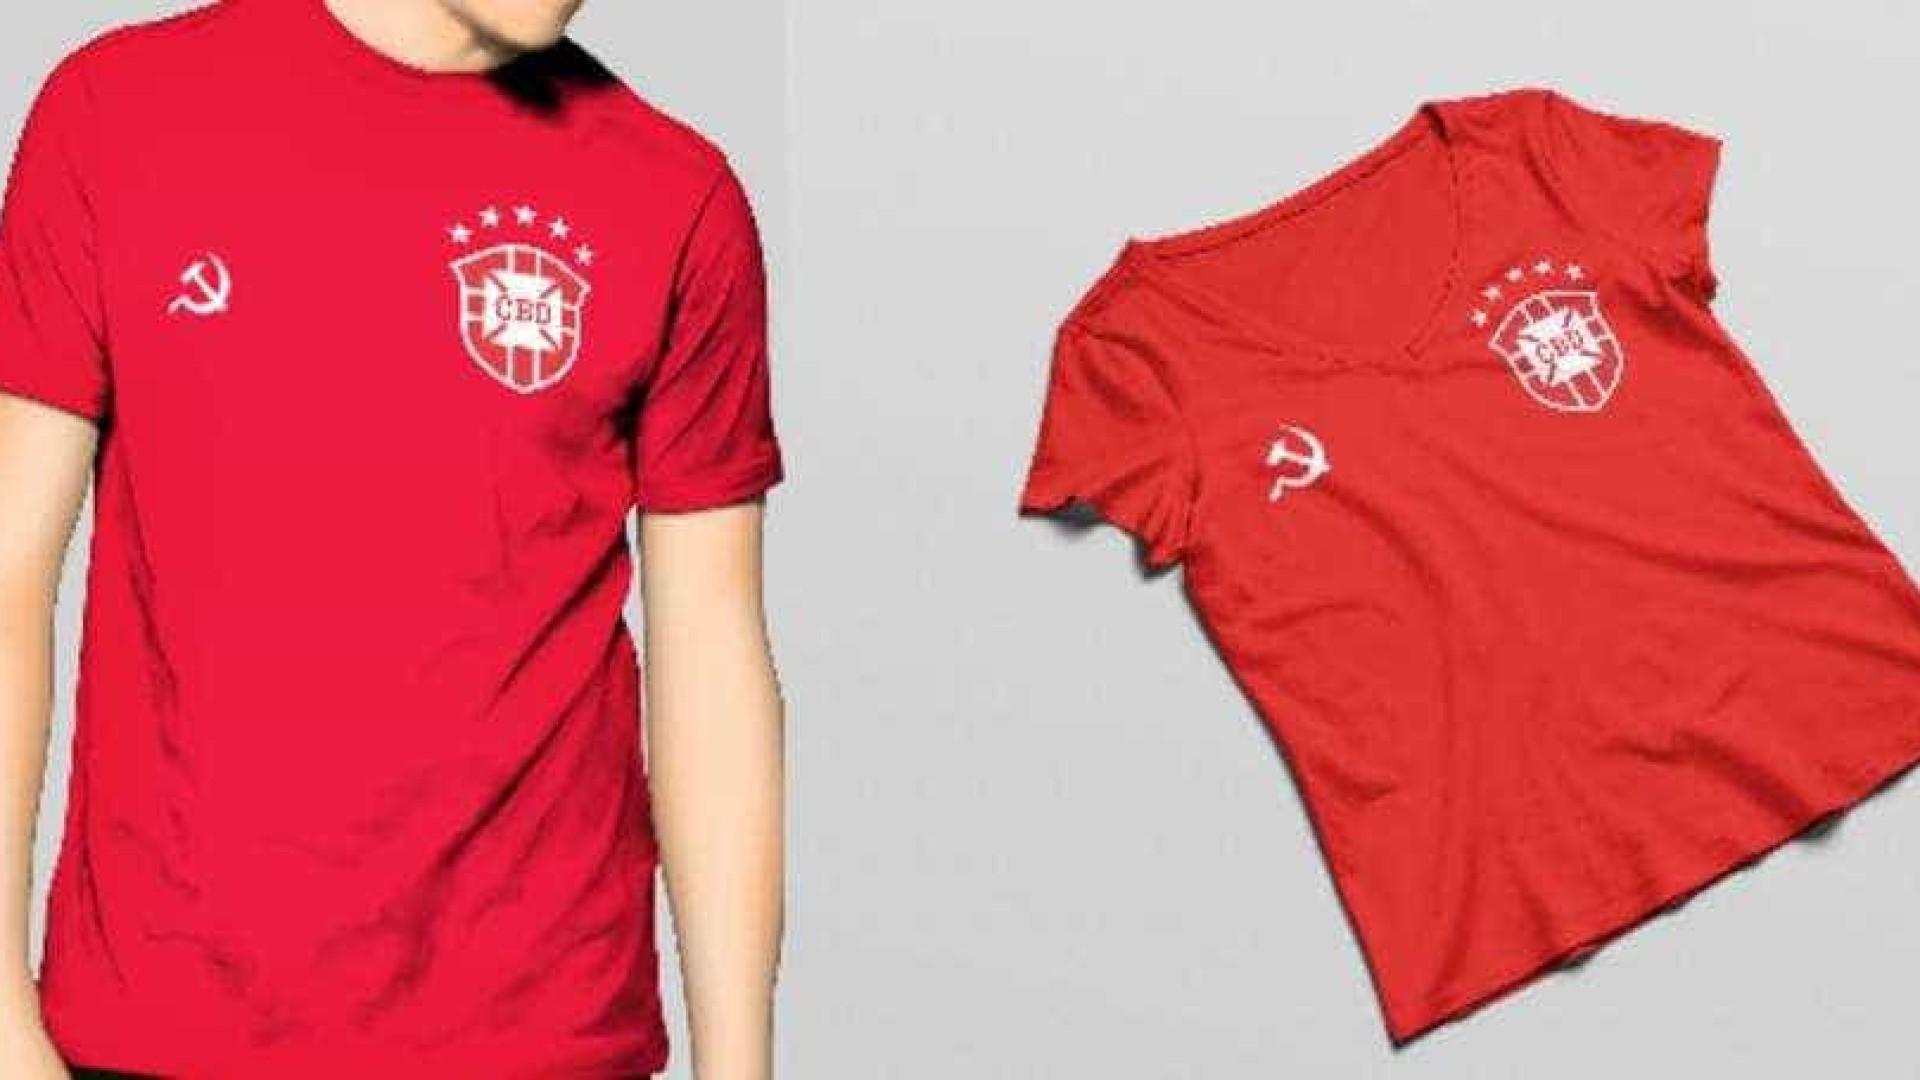 CBF vai à Justiça e proíbe versão 'comunista' da camisa da seleção